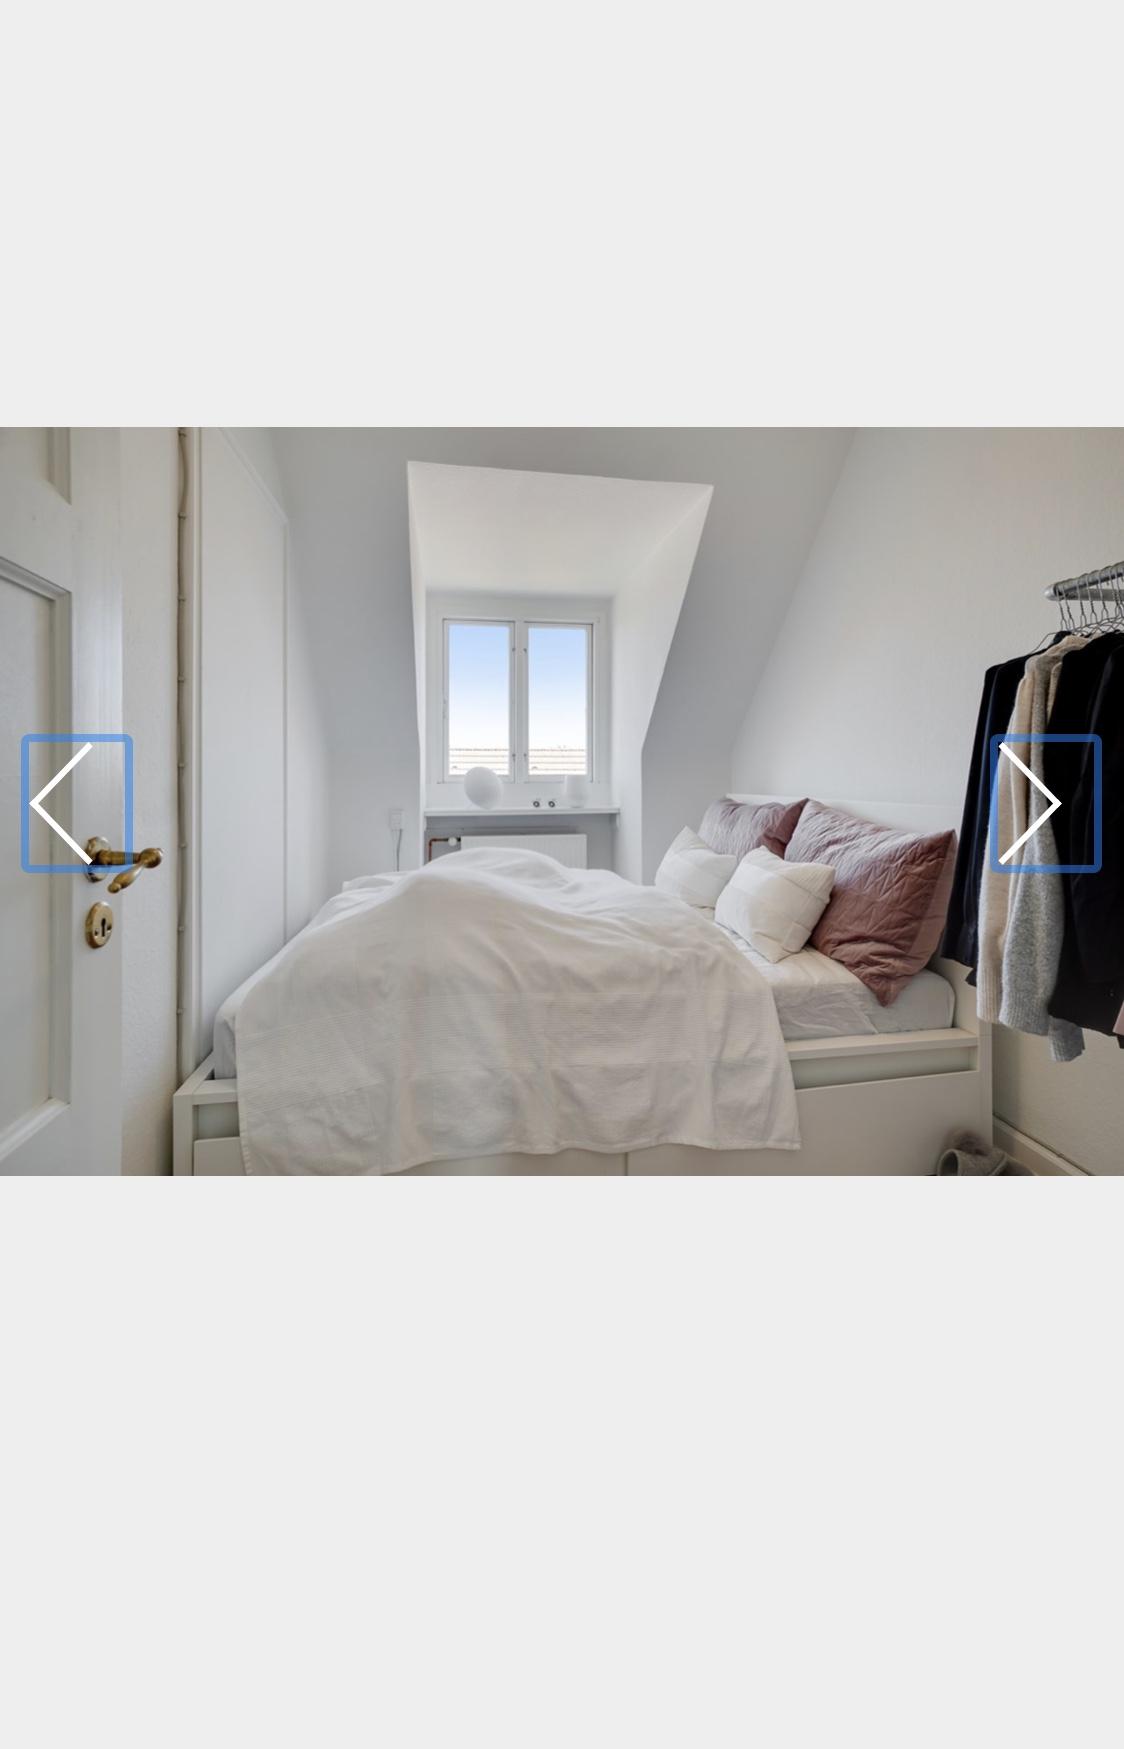 Jeg udlejer et værelse i min lejlighed